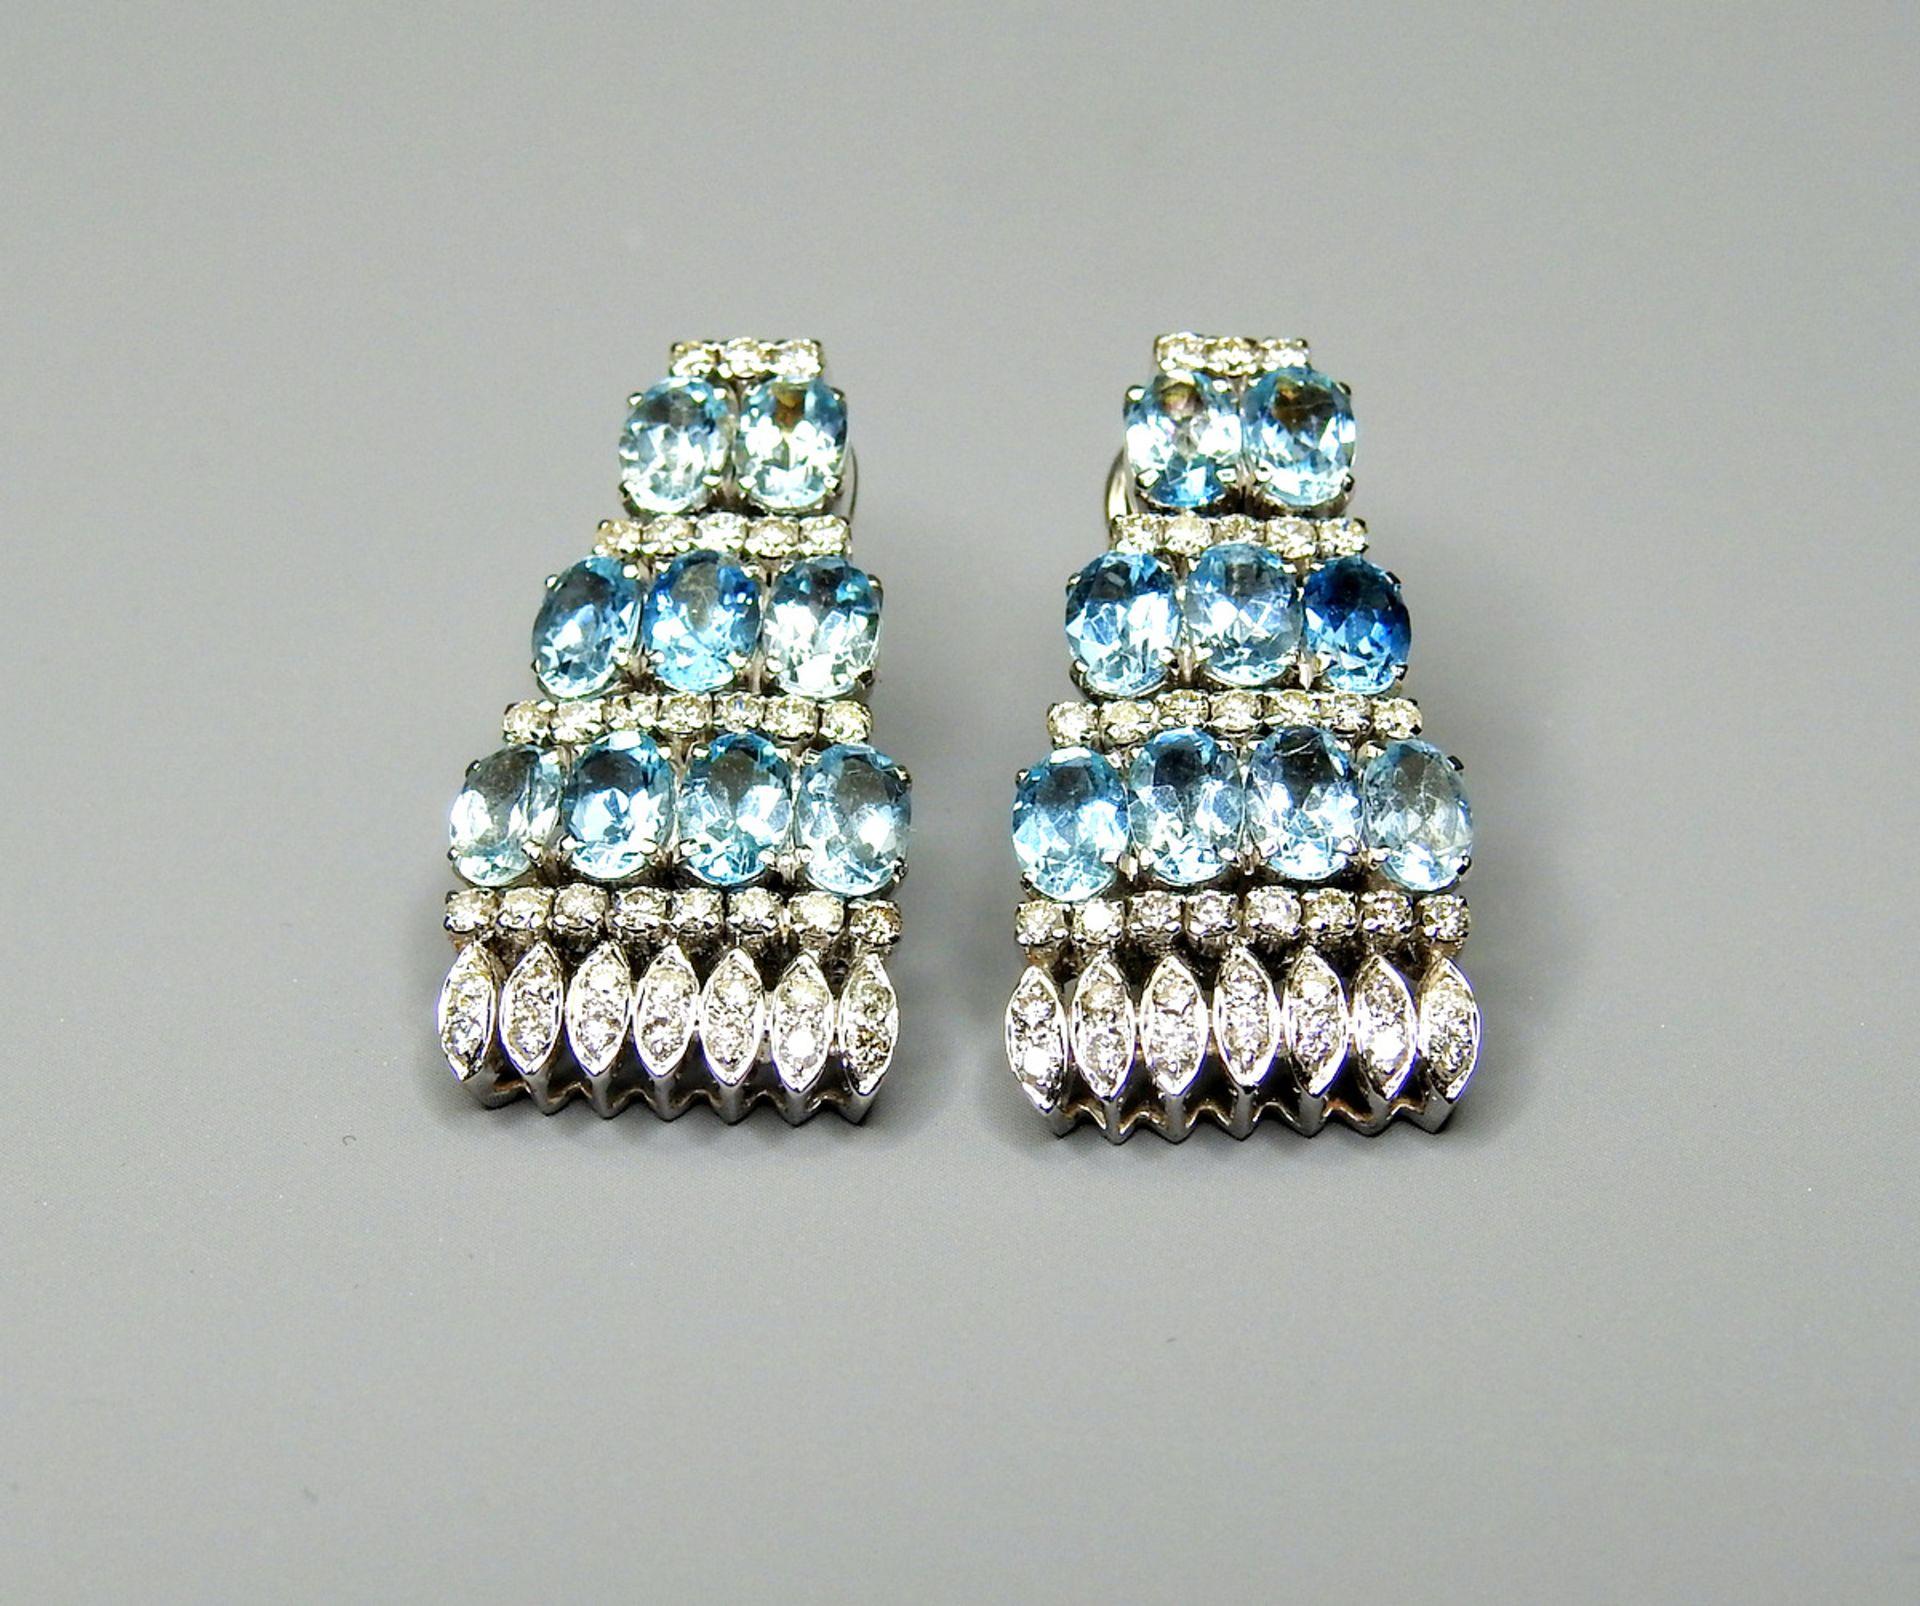 Paar Weißgold-Ohrringe mit Aquamarin- und Brillantbesatz14 K. Weißgold, besetzt mit